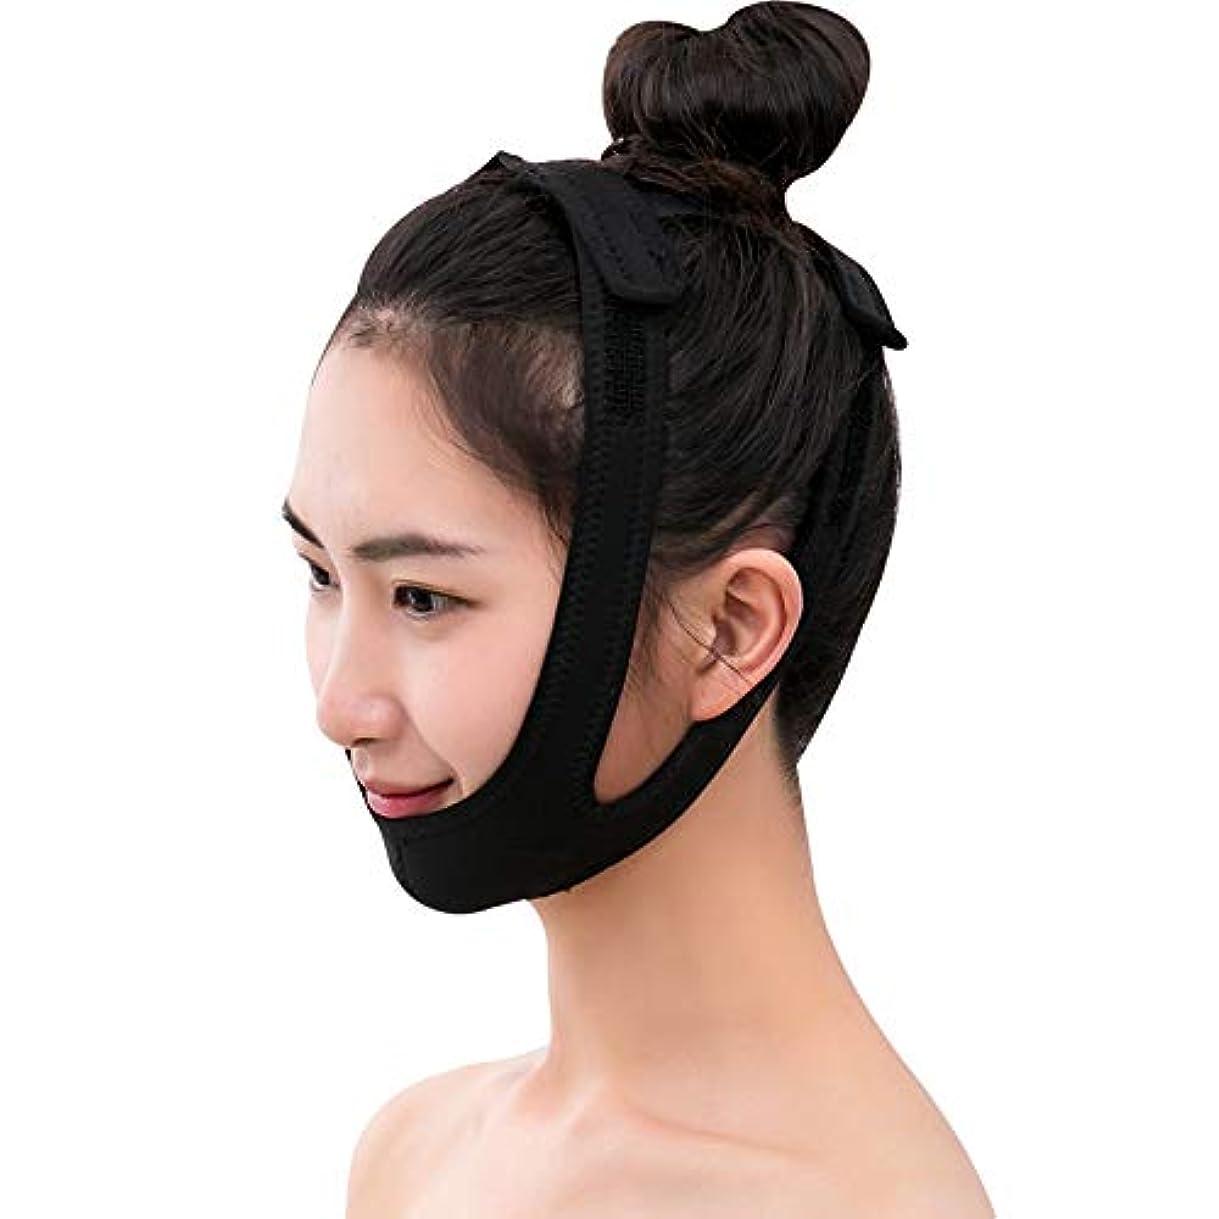 割れ目みなさん五十薄いフェイスバンド - 薄い顔の包帯ビューティーインストゥルメントフェイシャルリフト睡眠マスク法Vフェイスマスクの通気性を作る